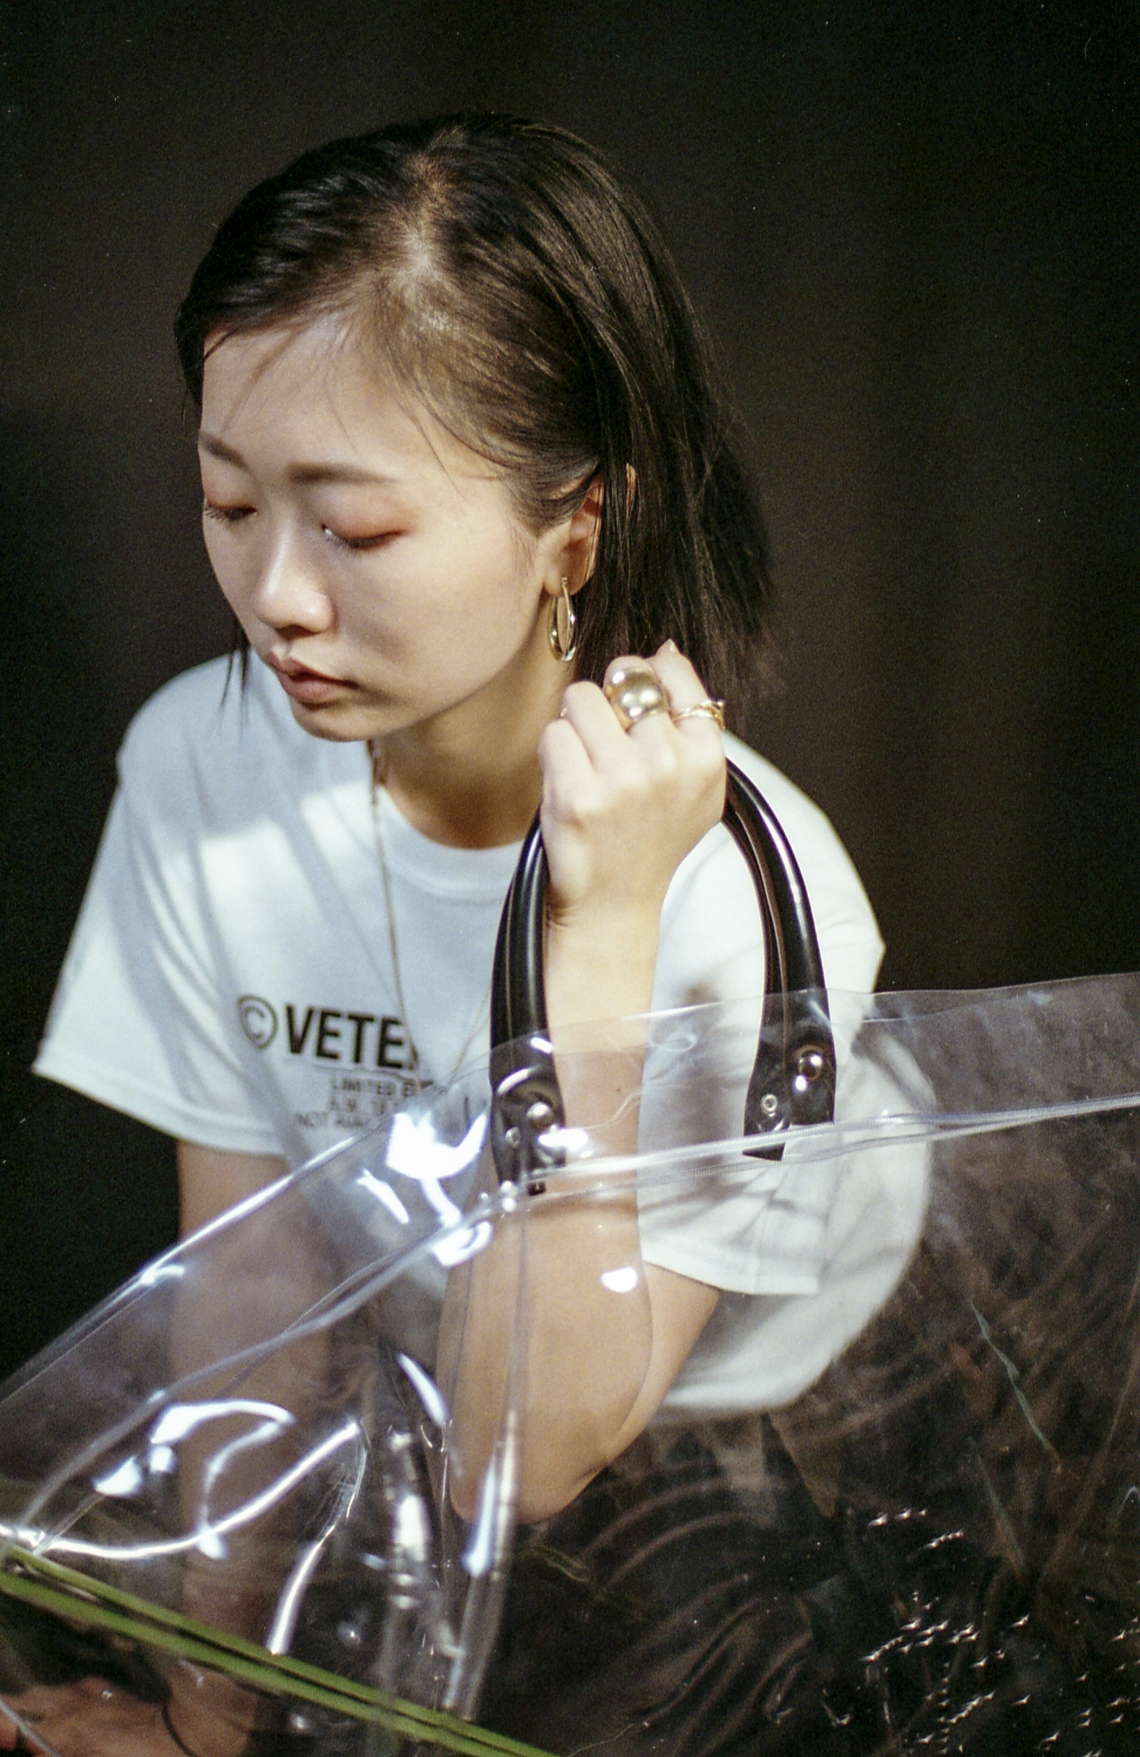 YEOJAMag-Girl_Gaze_Ivy-Photography-Pu_2